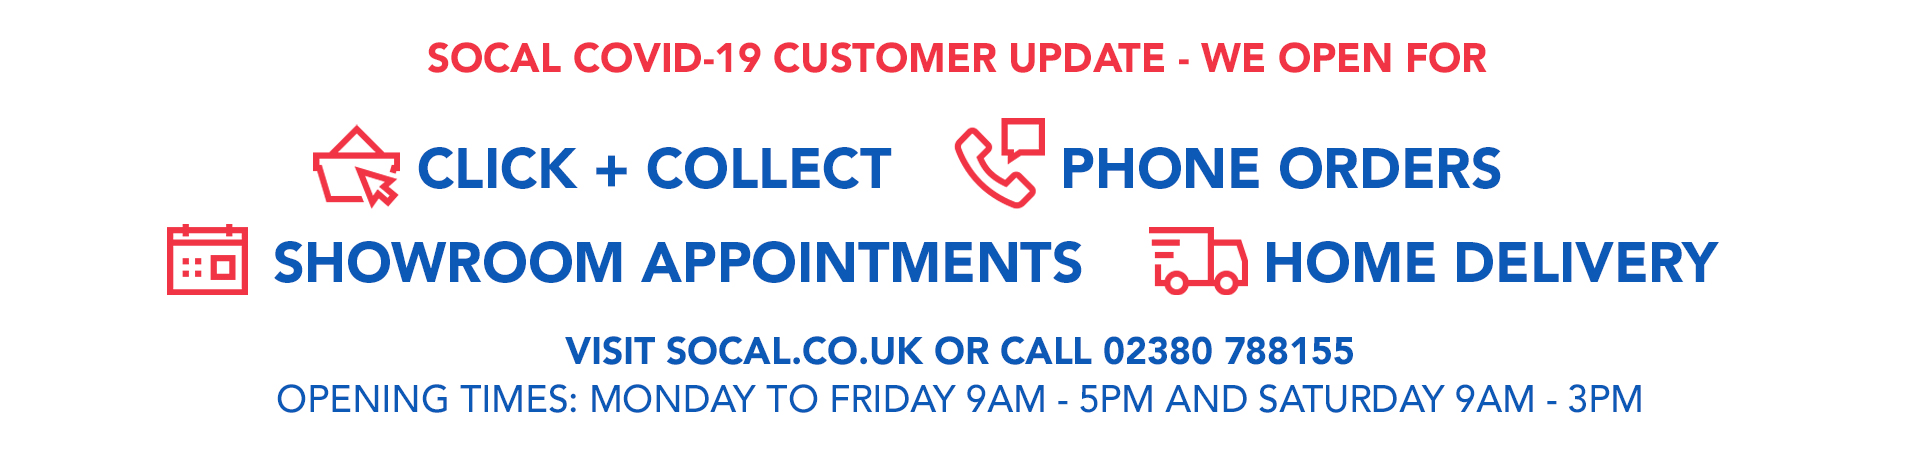 Covid19 Customer Update June